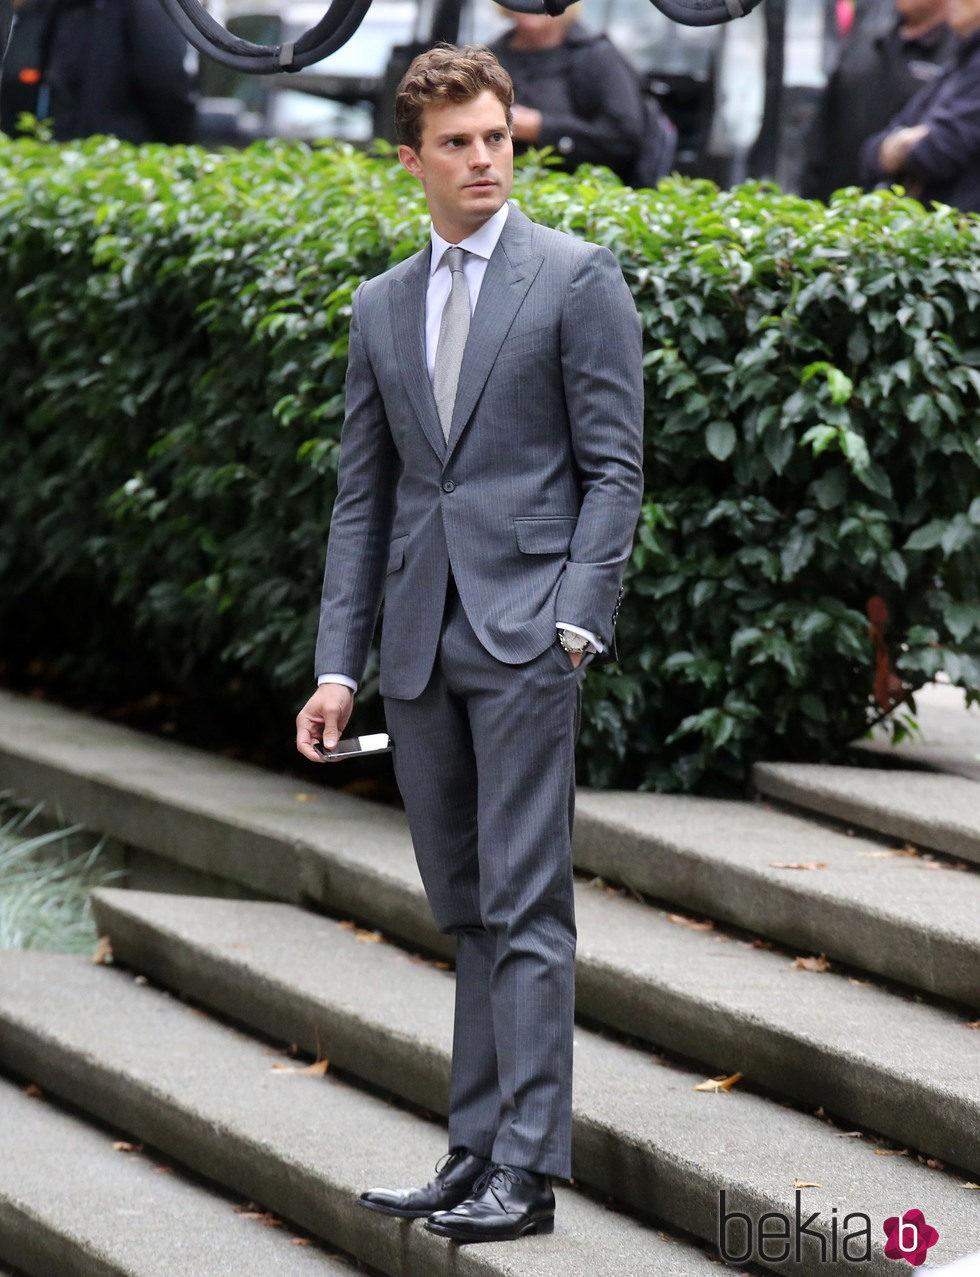 d600ddbf95d5e Jamie Dornan con traje gris convertido en Christian Grey - Los looks ...